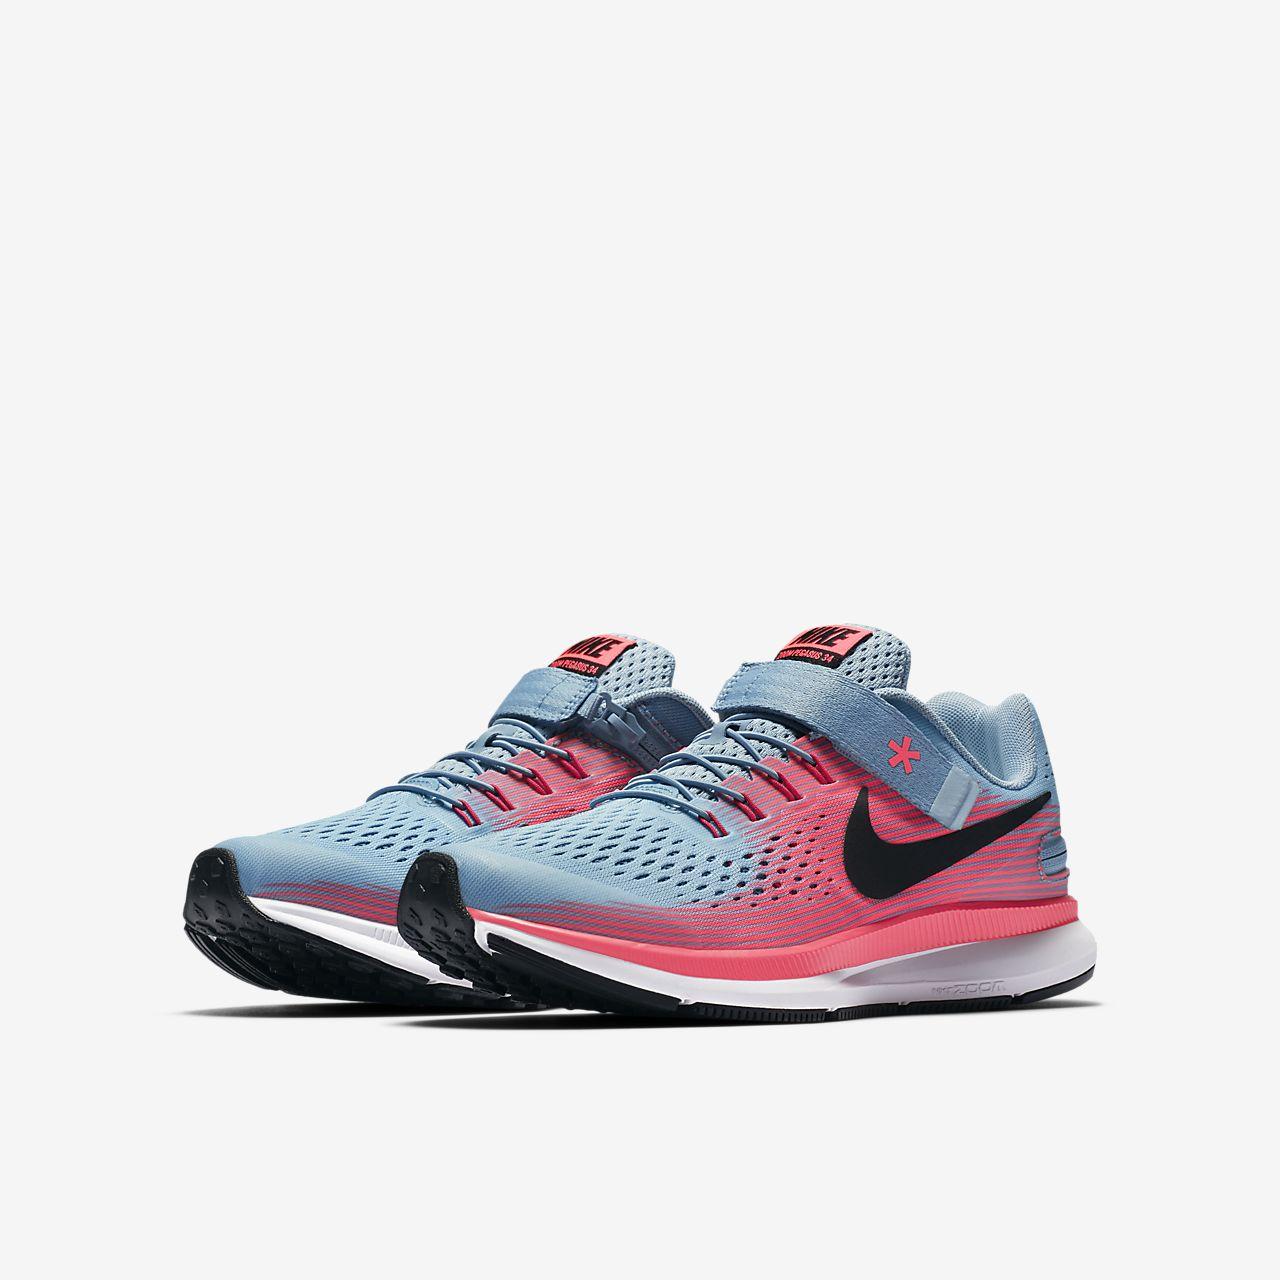 new concept c6cbe 19de0 Nike Zoom Pegasus 34 FlyEase Big Kids Running Shoe .